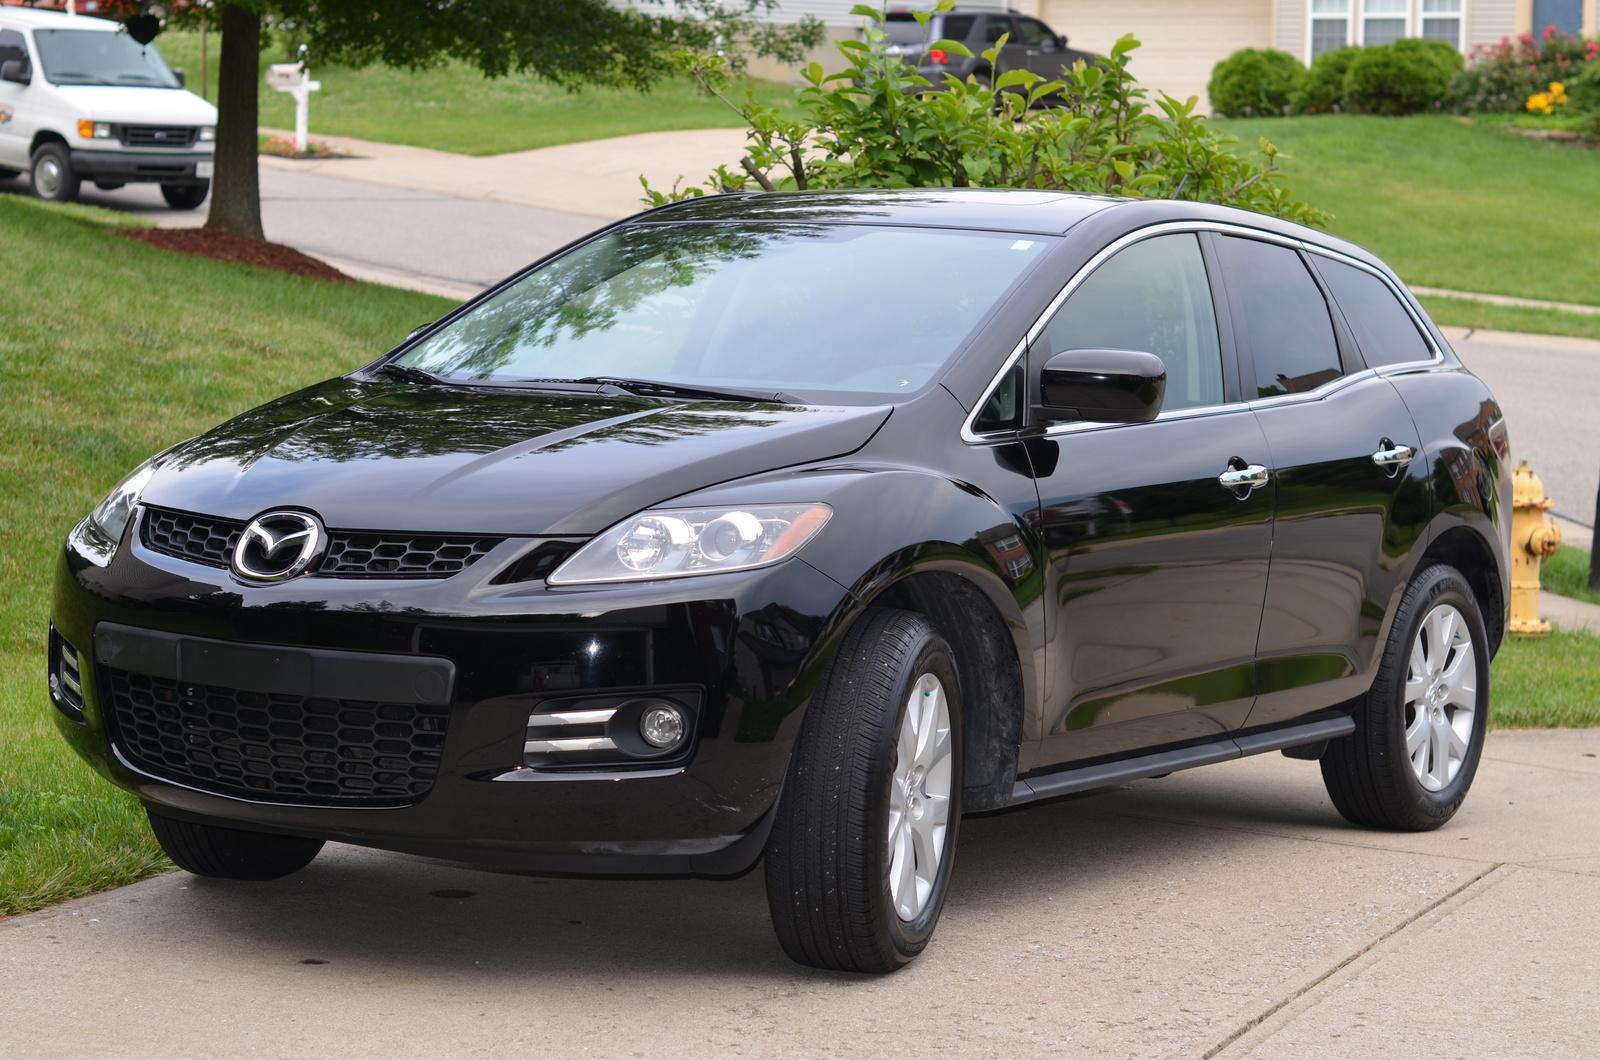 2007 Mazda Cx 7 Pictures Cargurus